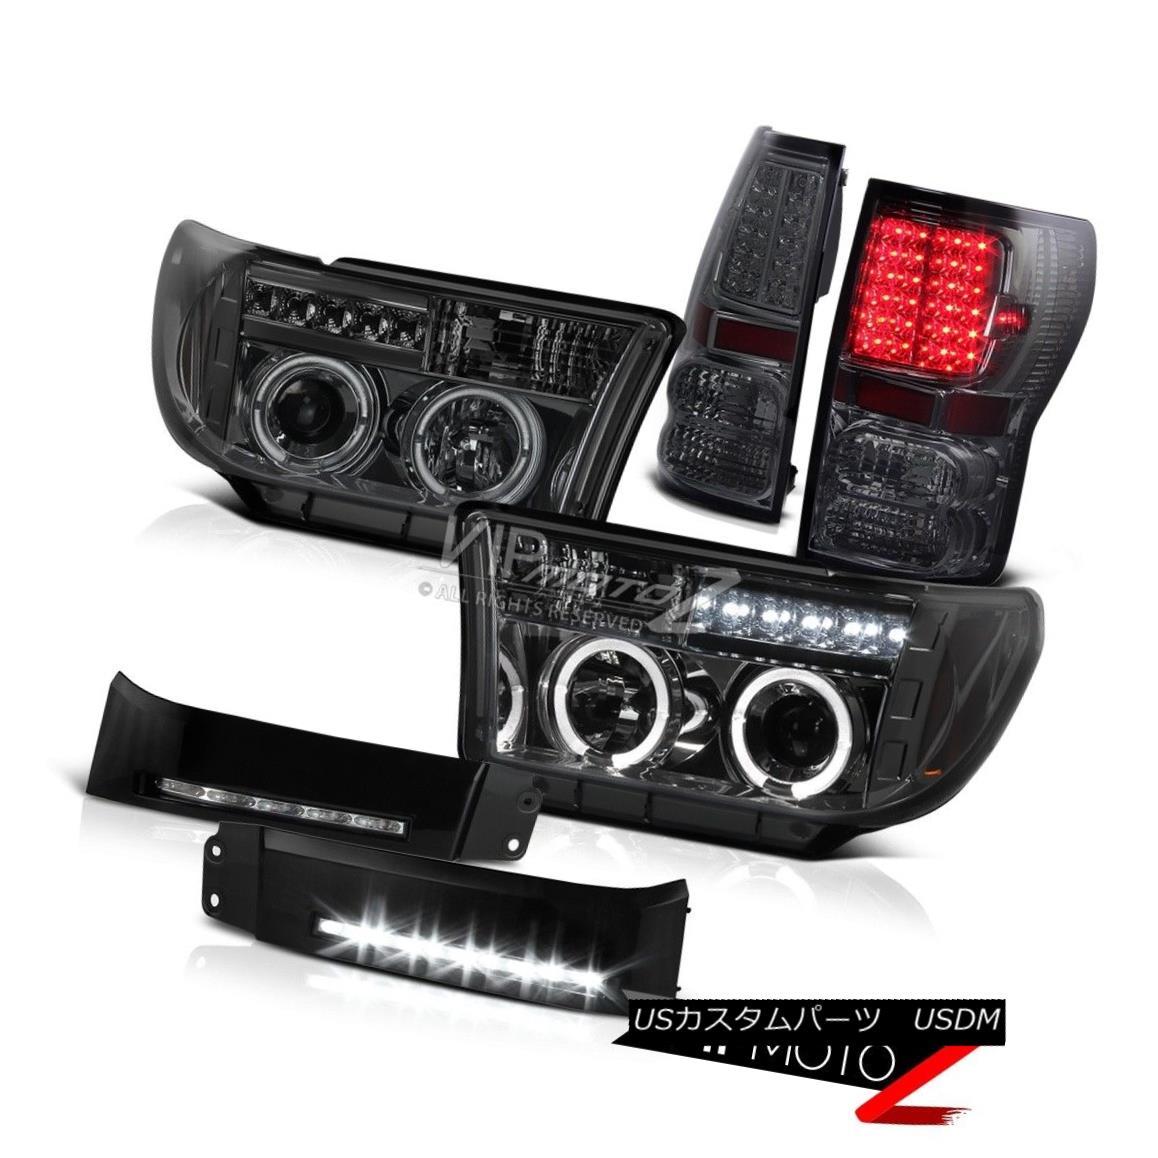 ヘッドライト [SMOKE] 07-13 Tundra 5.7L V8 Angel Eye Headlight LED Tail Light DRL Driving Lamp [SMOKE] 07-13 Tundra 5.7L V8エンジェルアイヘッドライトLEDテールライトDRLドライビングランプ